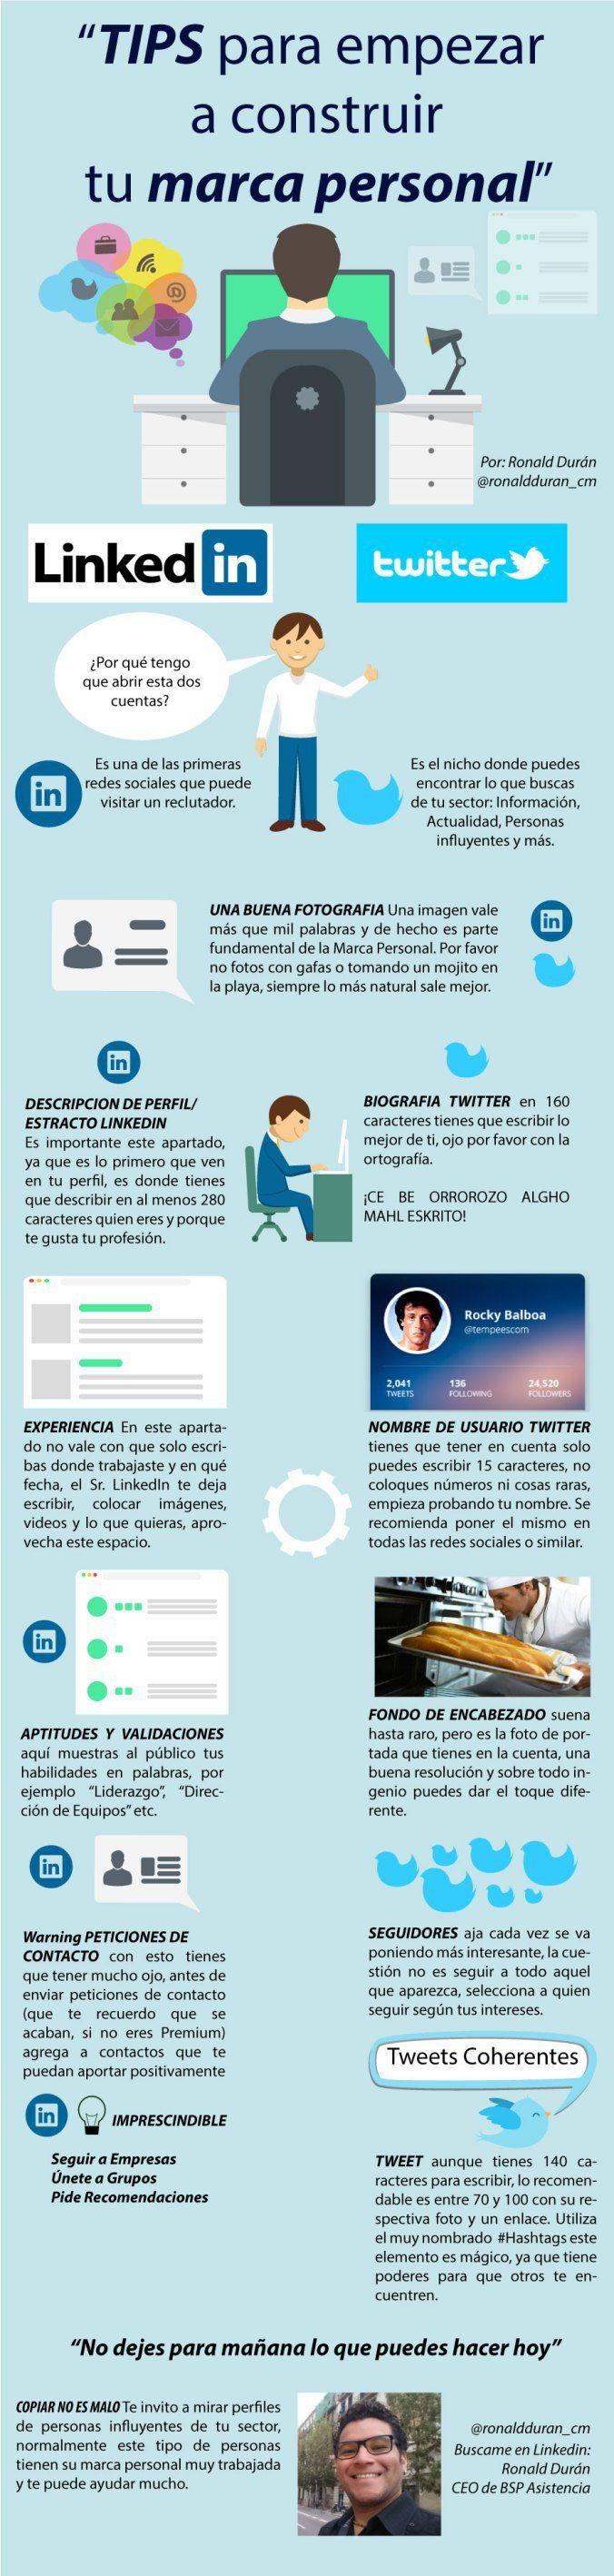 Consejos para construir tu Marca Personal #infografia en español. #CommunityMan...